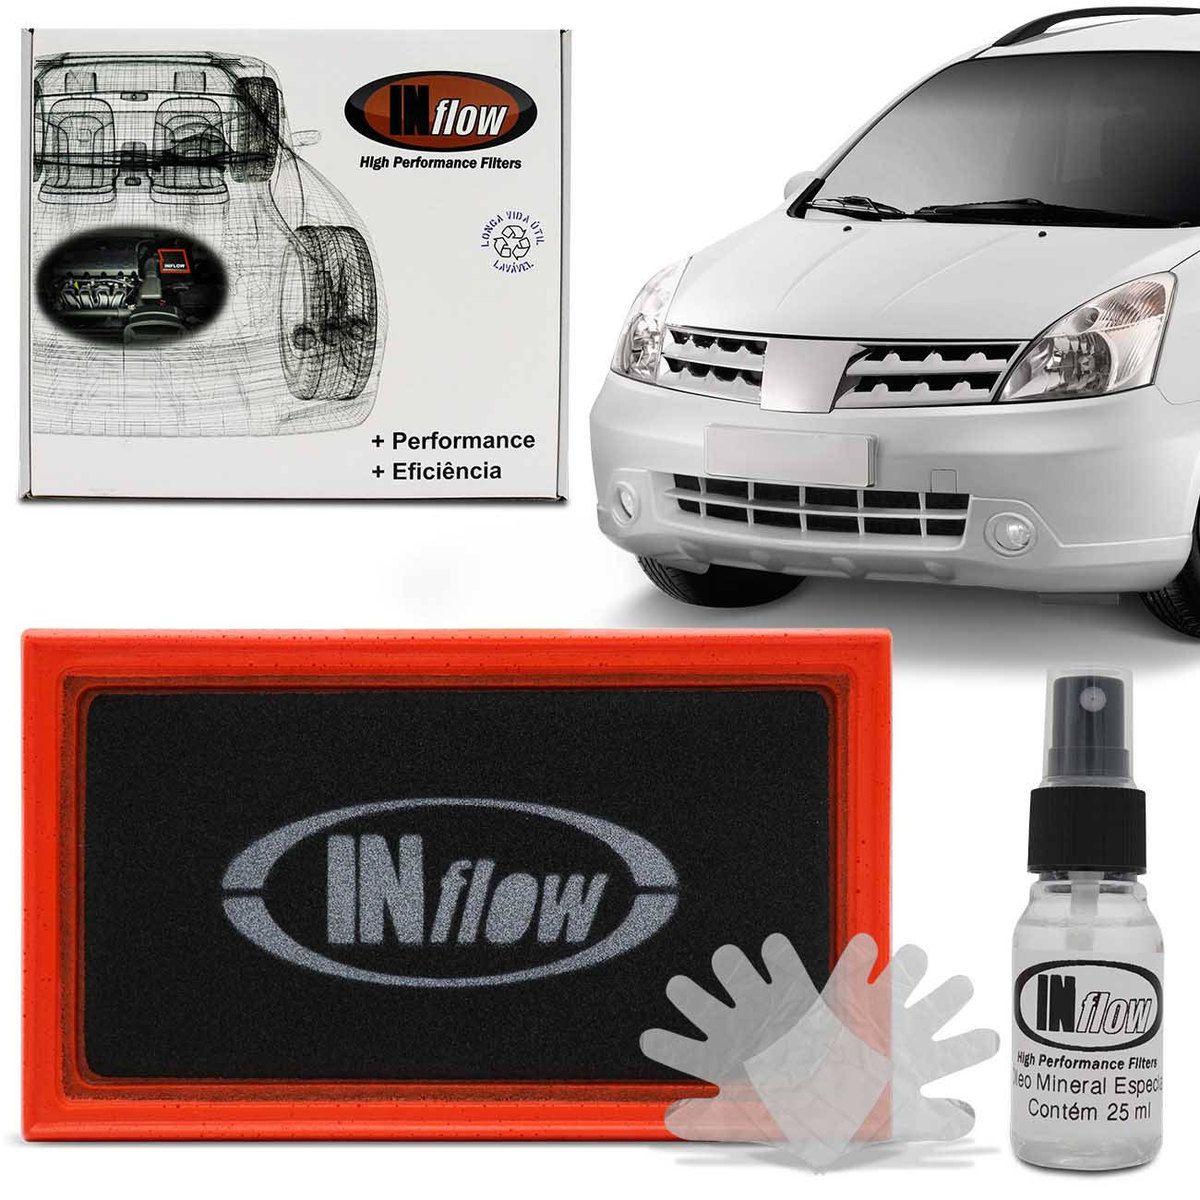 Filtro De Ar Inflow Nissan Livina Grand Livina Tiida Hpf9925